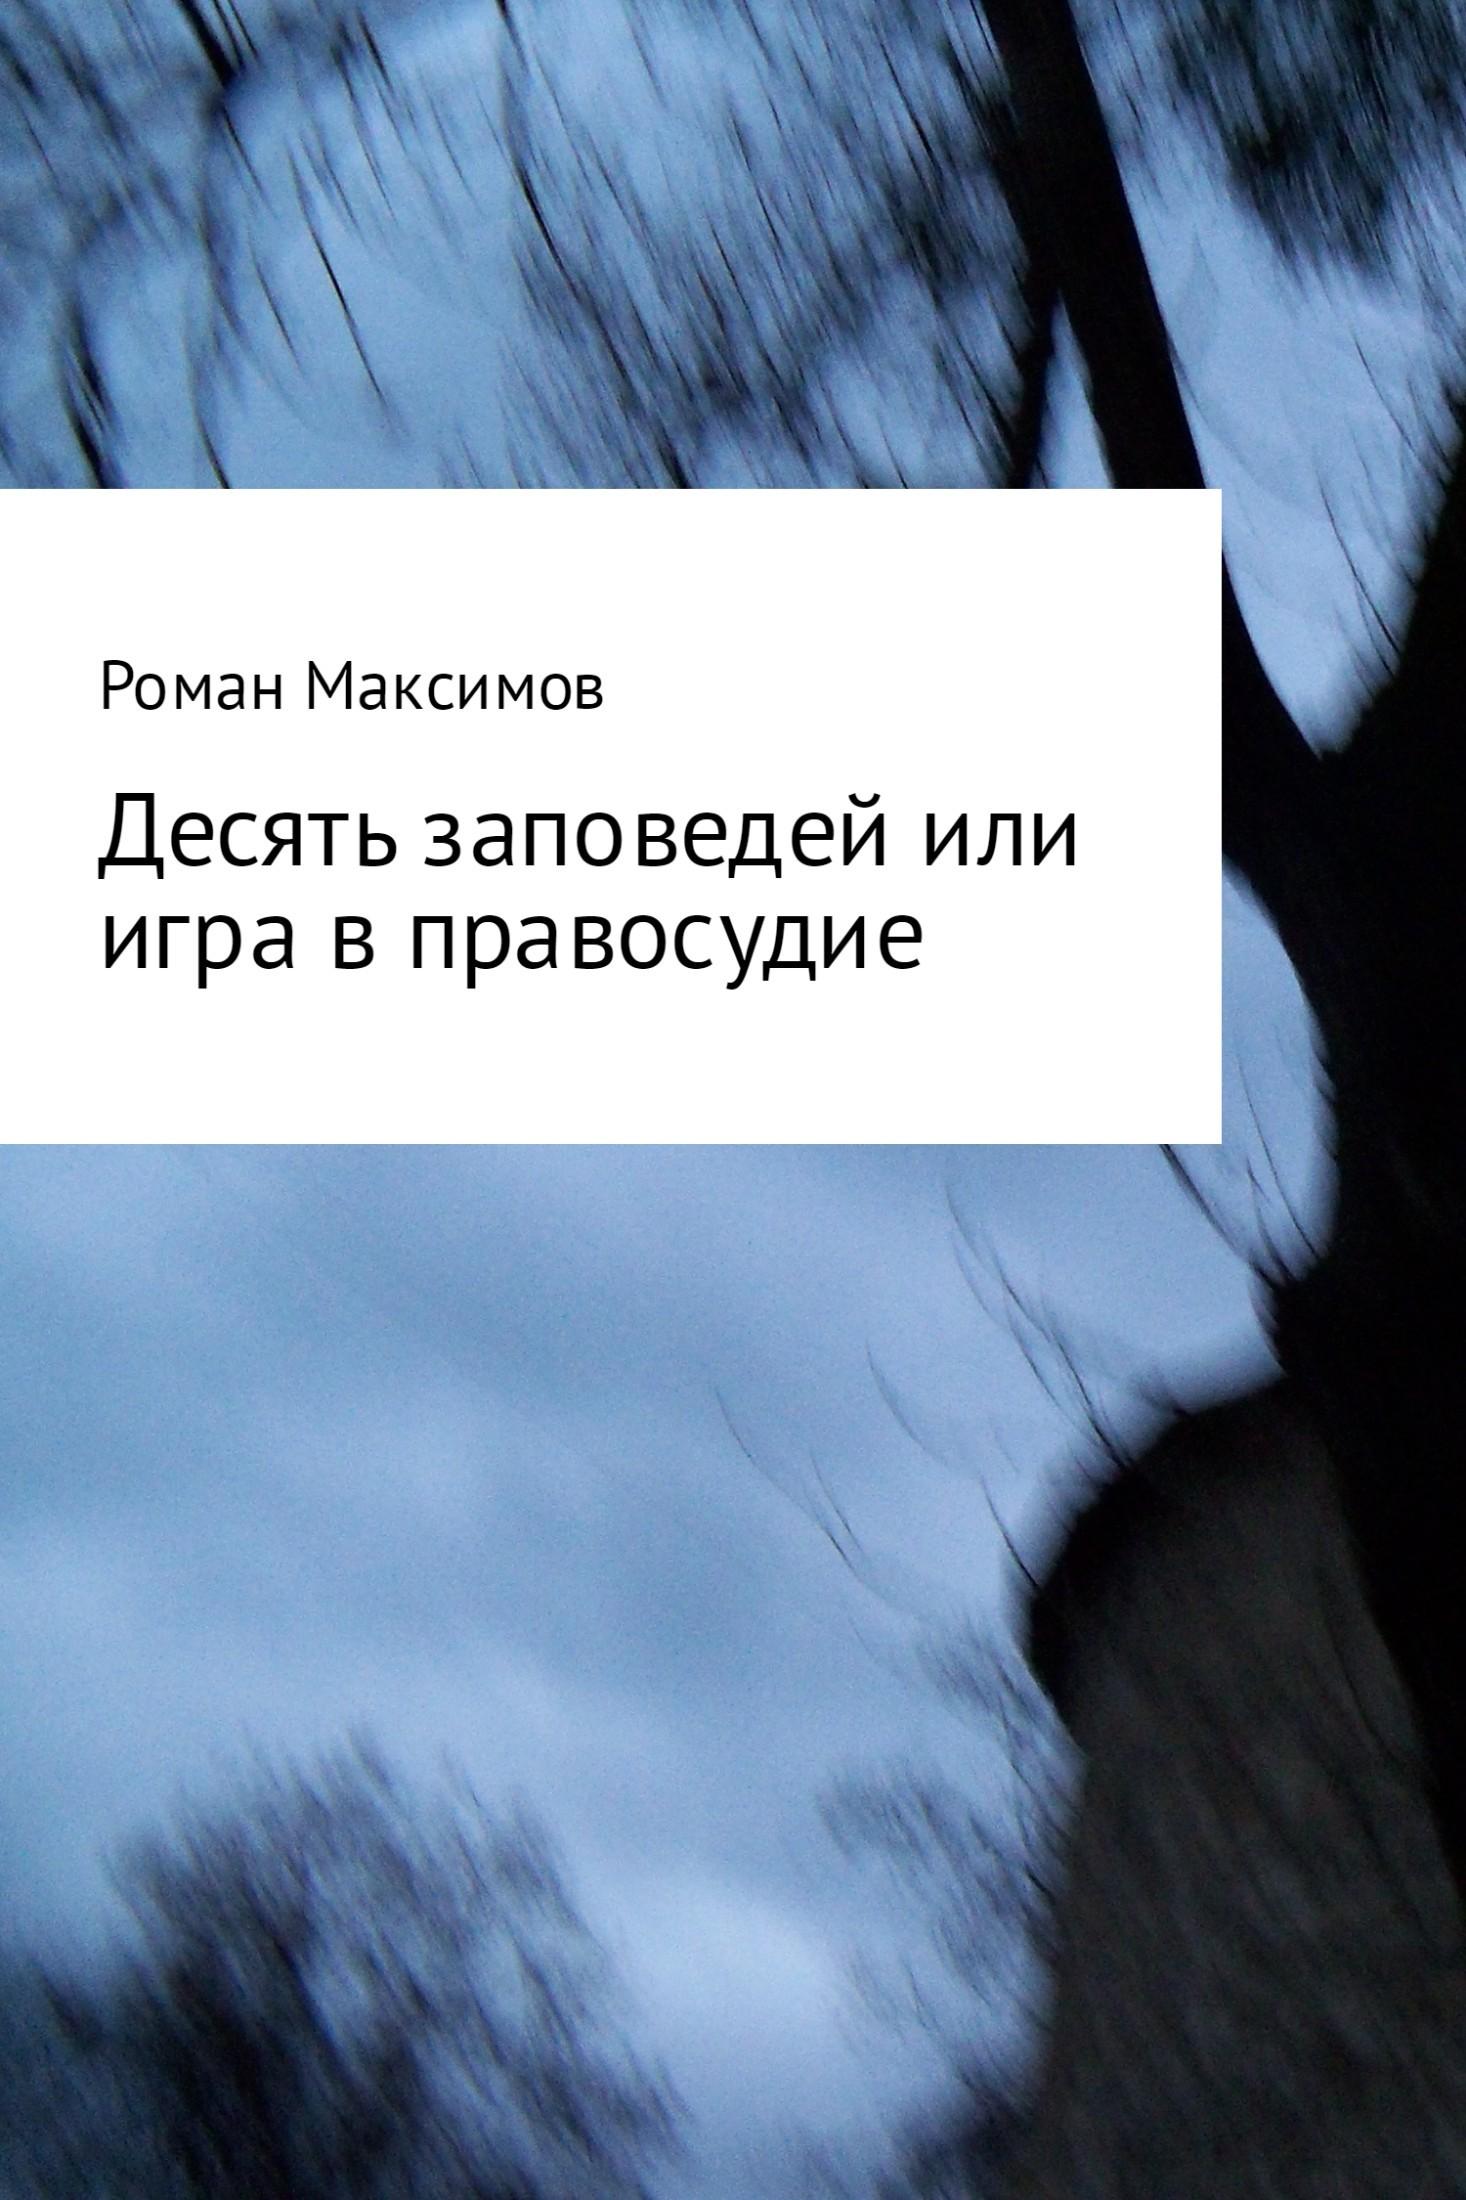 Обложка книги Десять заповедей или игра в правосудие, автор Роман Романович Максимов